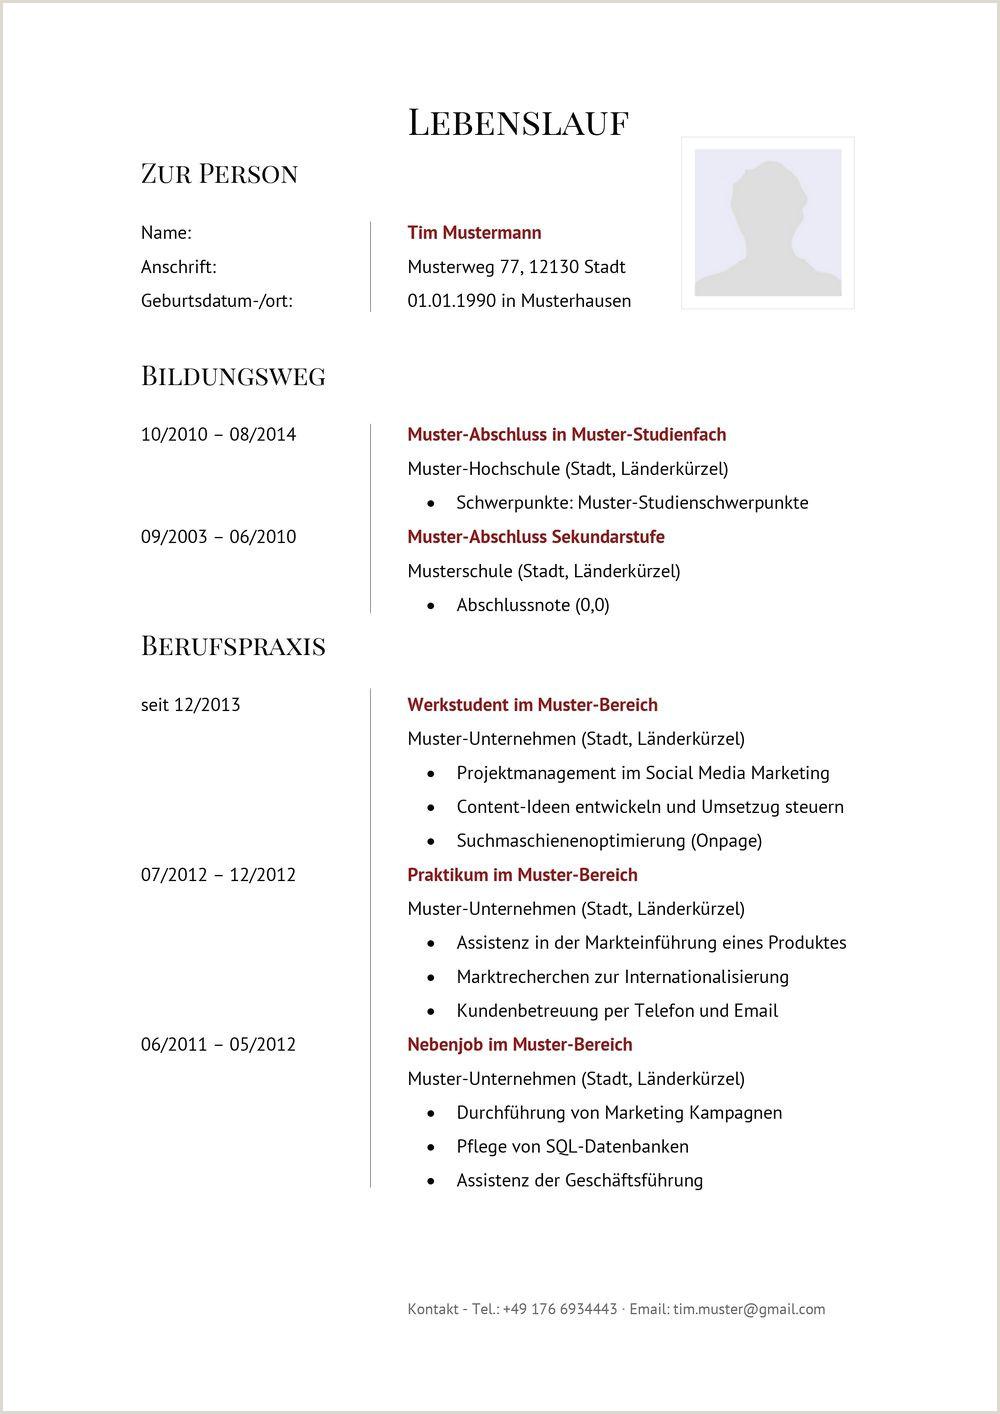 Tabellarischer Lebenslauf Muster Word Download Tabellarischer Lebenslauf Muster & Vorlagen Lebenslaufdesigns